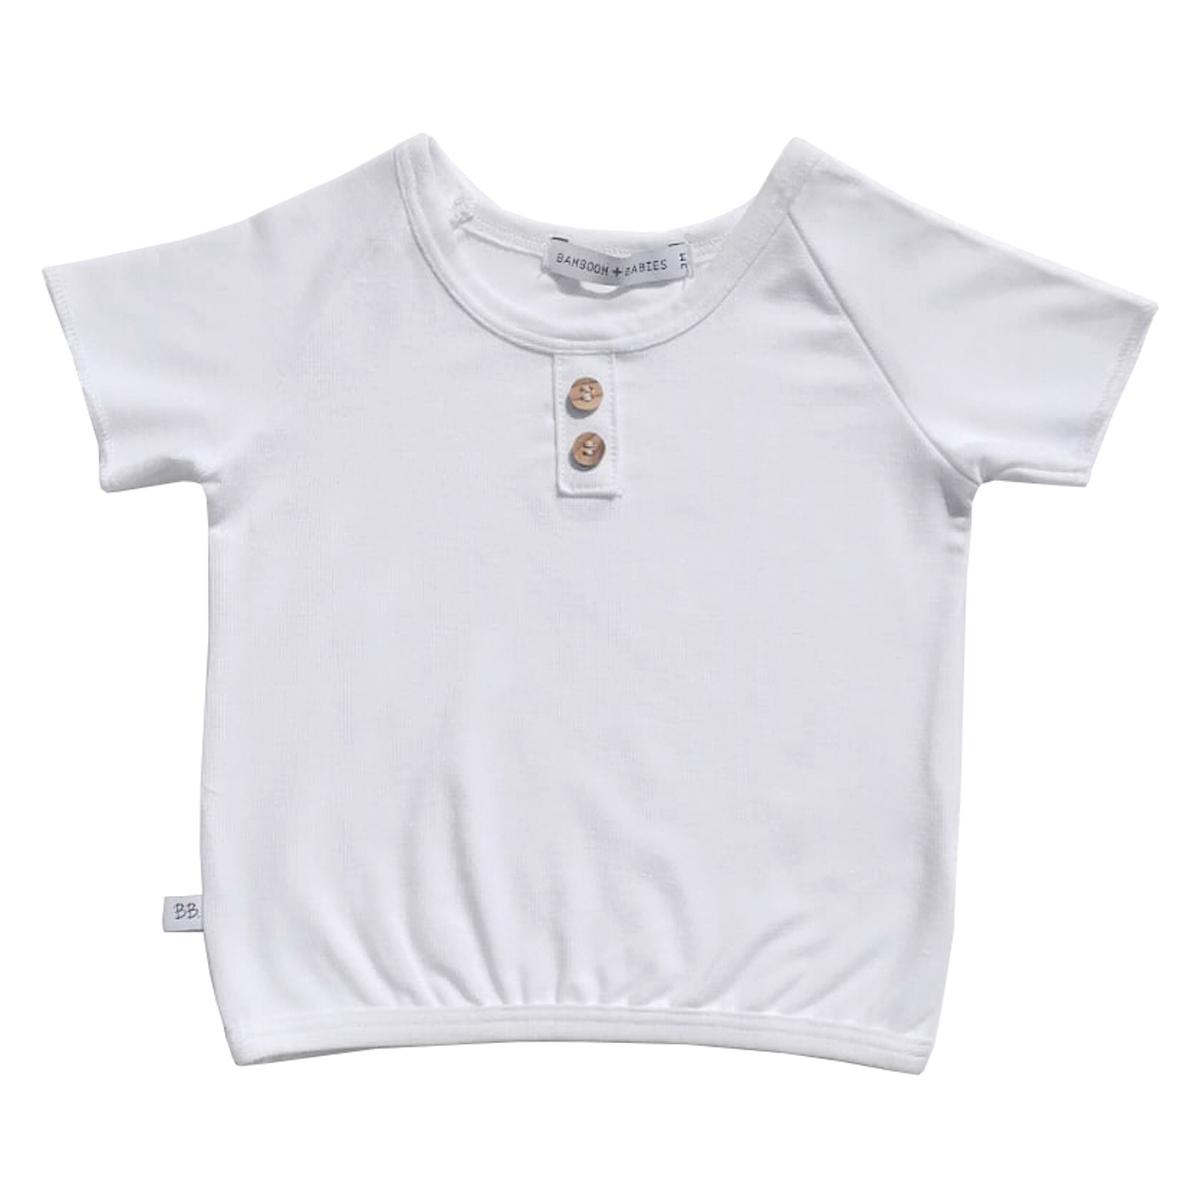 Haut bébé Tee-Shirt Blanc - 18 Mois Tee-Shirt Blanc - 18 Mois